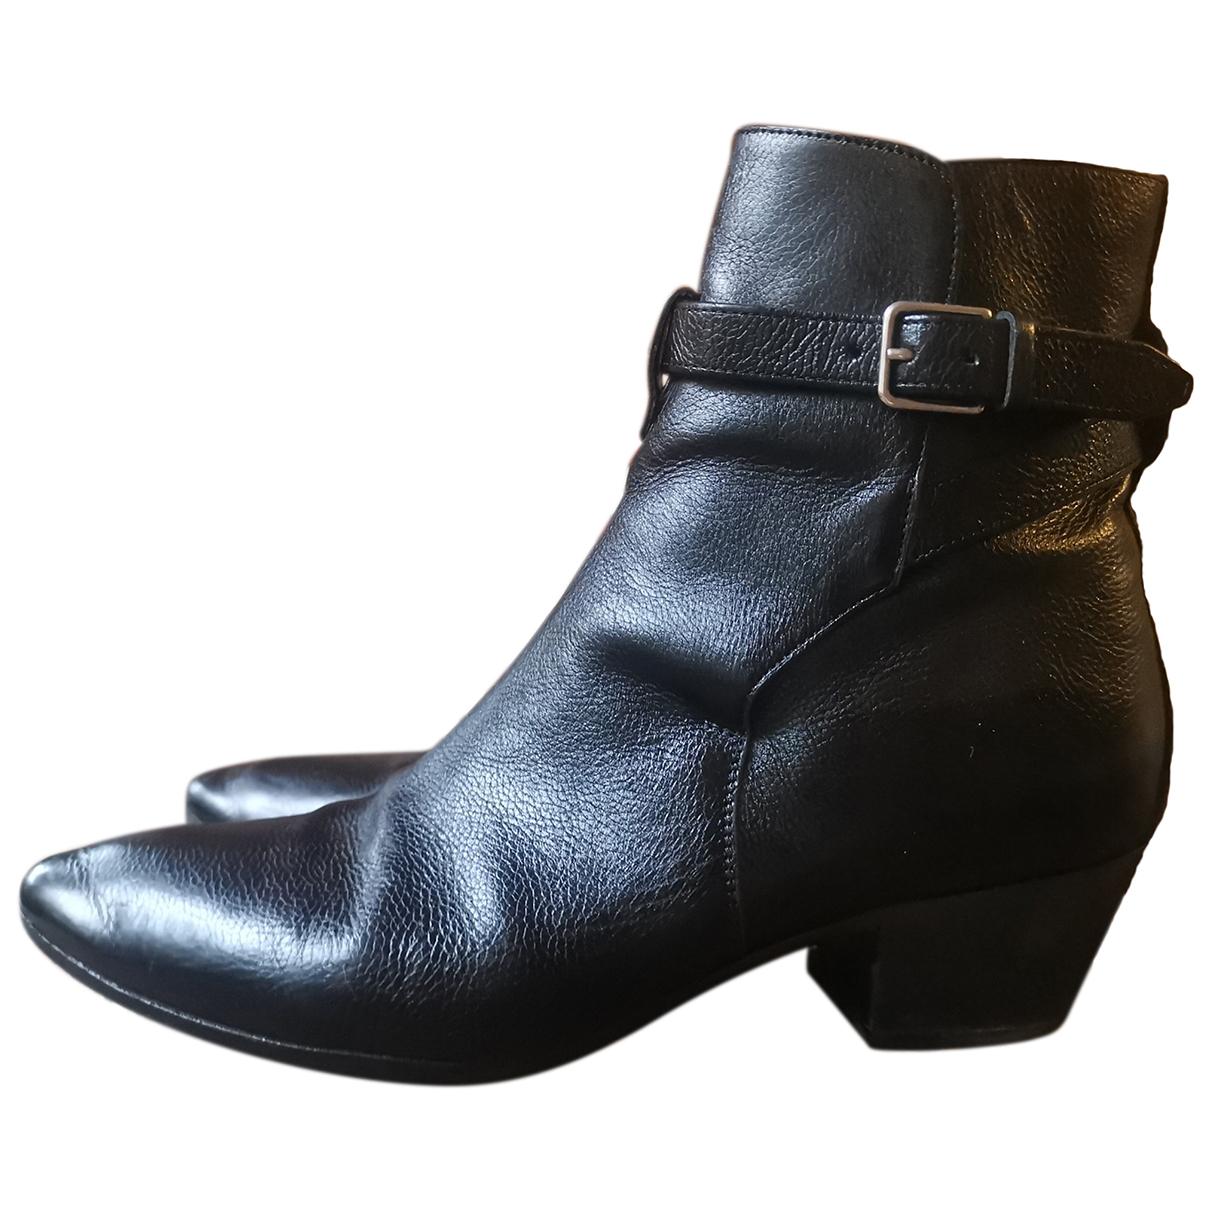 Saint Laurent - Boots West Jodhpur pour femme en cuir - noir